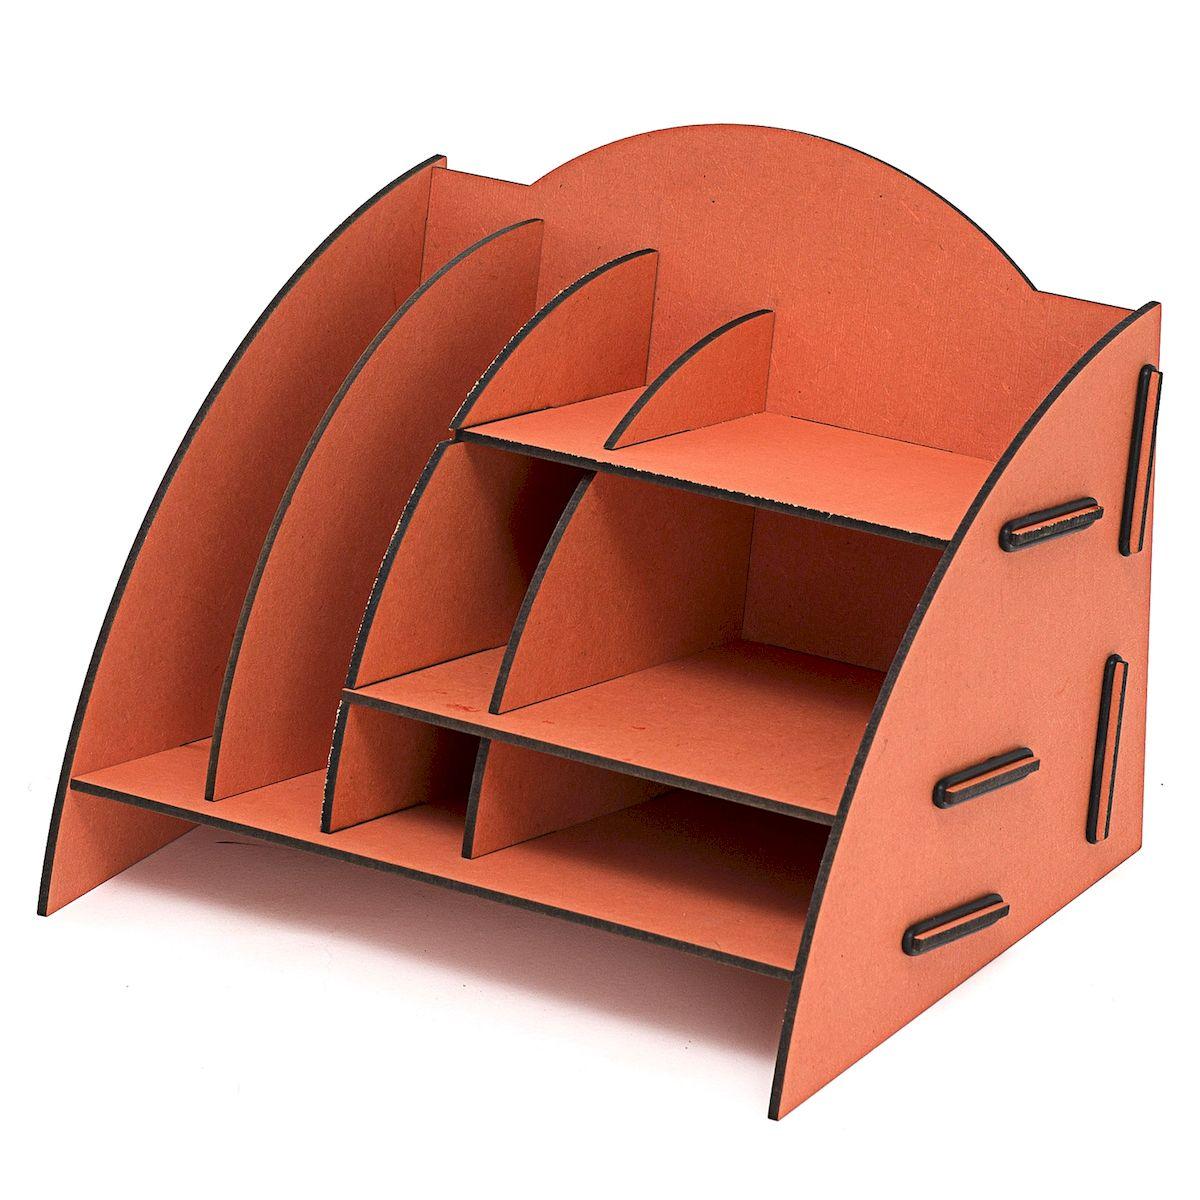 Органайзер настольный Homsu, 8 отделов, 23 x 20 x 19 смHOM-341Настольный органайзер Homsu выполнен из МДФ и легко собирается из съемных частей. Изделие имеет 8 отделений для хранения документов, канцелярских предметов и всяких мелочей. Органайзер просто незаменим на рабочем столе, он вместителен и не занимает много места. Оригинальный дизайн дополнит интерьер дома и разбавит цвет в скучном сером офисе. Размер: 23 х 20 х 19 см.